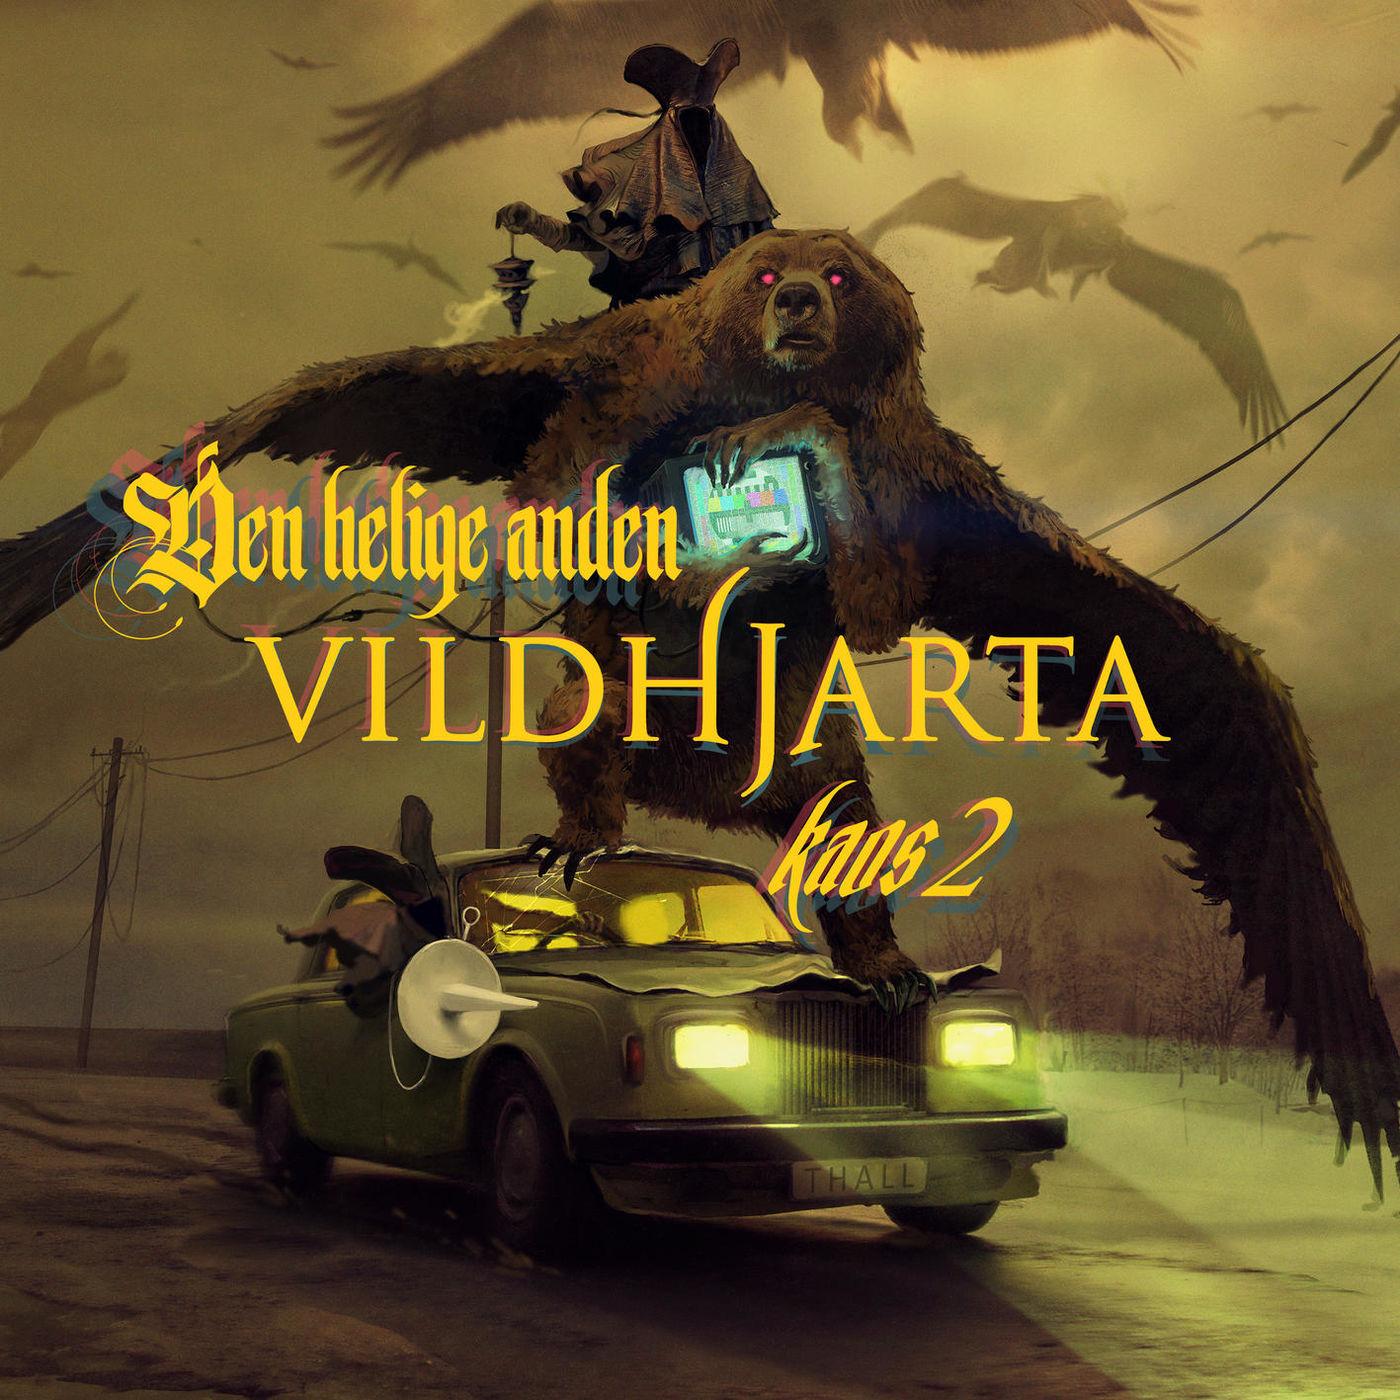 Vildhjärta - Den Helige Anden [single] (2019)